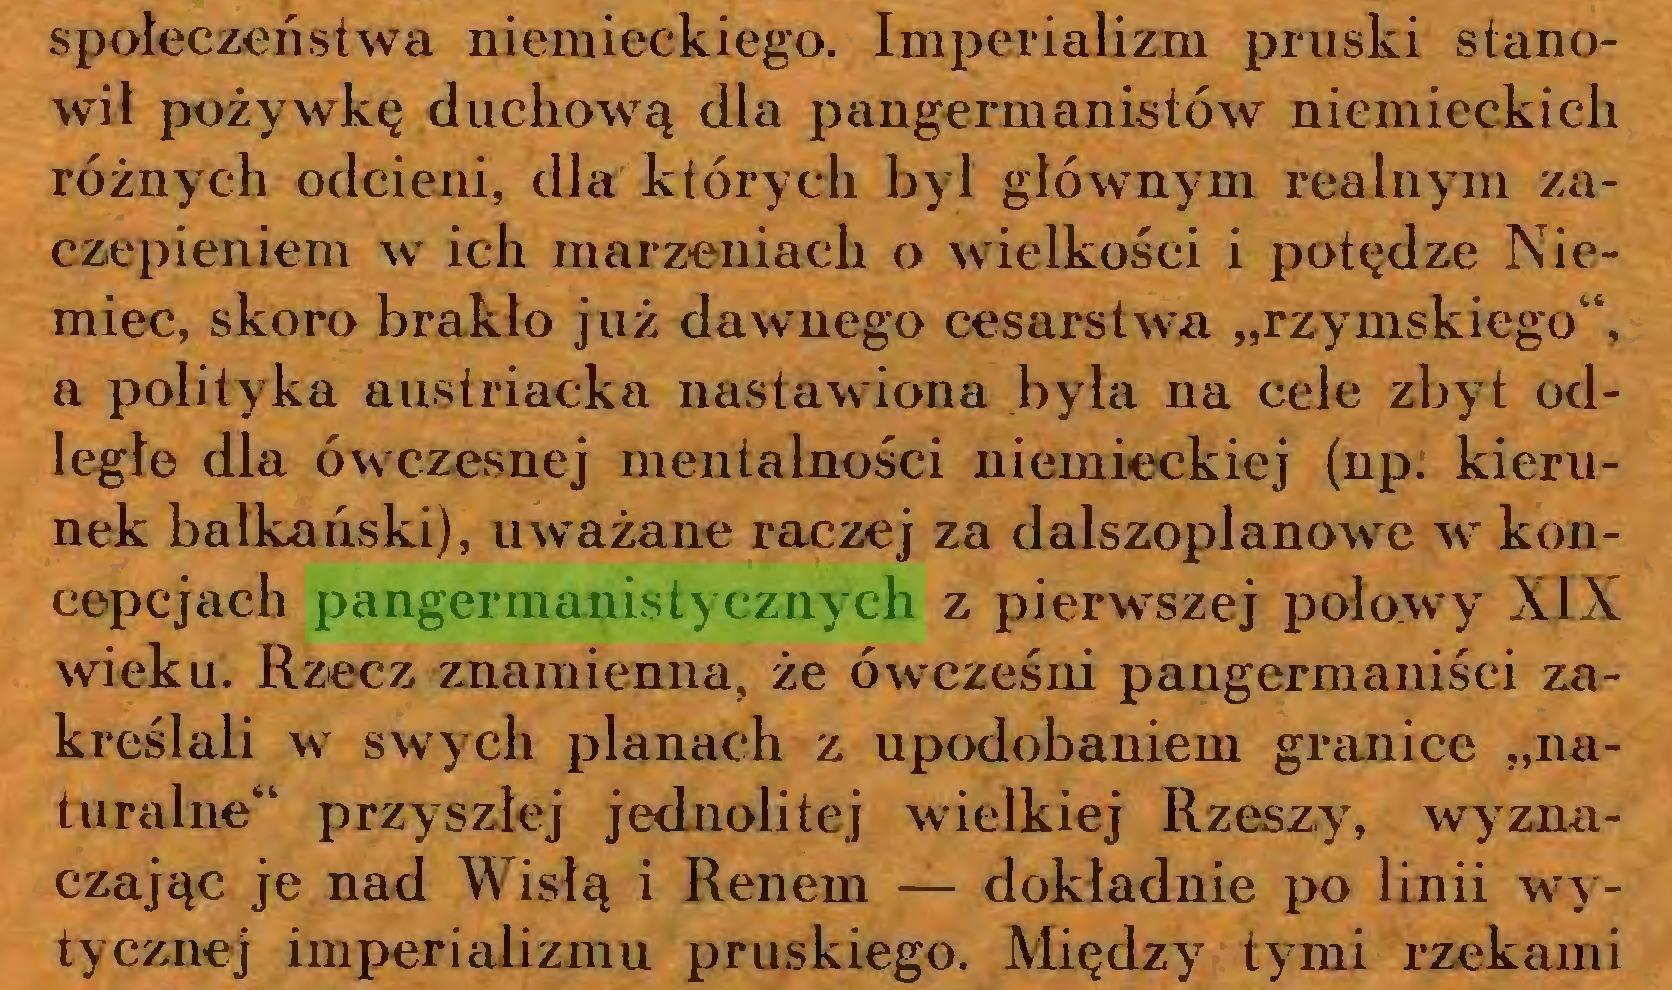 """(...) społeczeństwa niemieckiego. Imperializm pruski stanowił pożywkę duchową dla pangermanistów niemieckich różnych odcieni, dla których był głównym realnym zaczepieniem wt ich marzeniach o wielkości i potędze Niemiec, skoro brakło już dawnego cesarstwa """"rzymskiego44, a polityka austriacka nastawiona była na cele zbyt odległe dla ówczesnej mentalności niemieckiej (np. kierunek bałkański), uważane raczej za dalszoplanowe w koncepcjach pangermanistycznych z pierwszej połowy XIX wieku. Rzecz znamienna, że ówcześni pangermaniści zakreślali wr swych planach z upodobaniem granice """"naturalne44 przyszłej jednolitej wielkiej Rzeszy, wyznaczając je nad Wisłą i Renem — dokładnie po linii wytycznej imperializmu pruskiego. Między tymi rzekami..."""